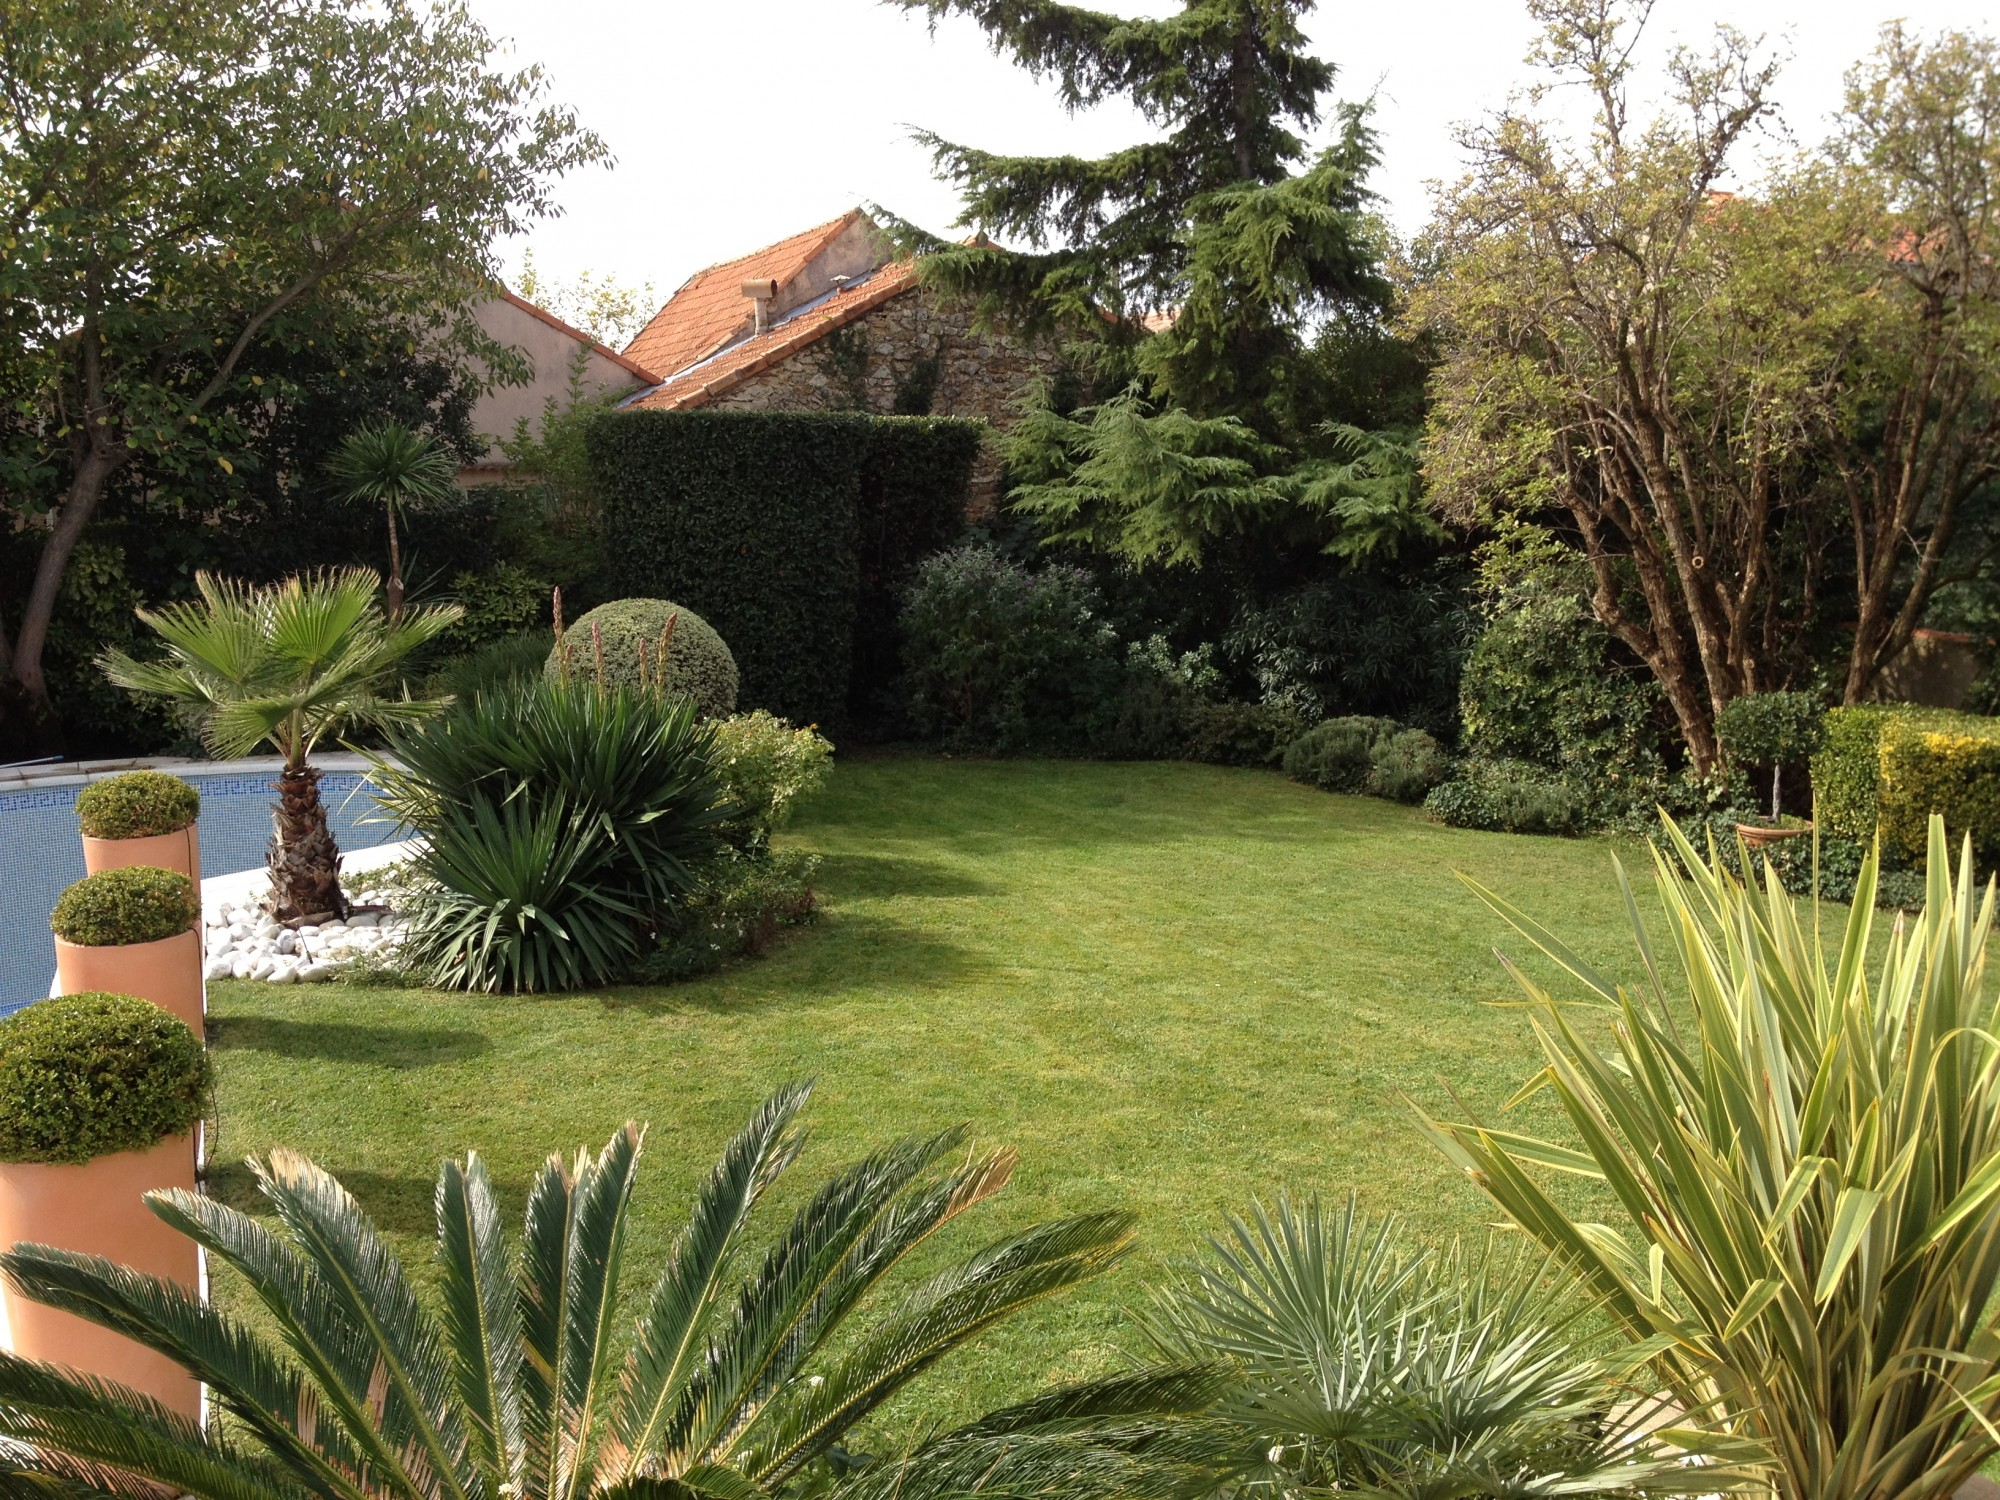 Entretien de jardins priv s vert tige for Annonce entretien jardin